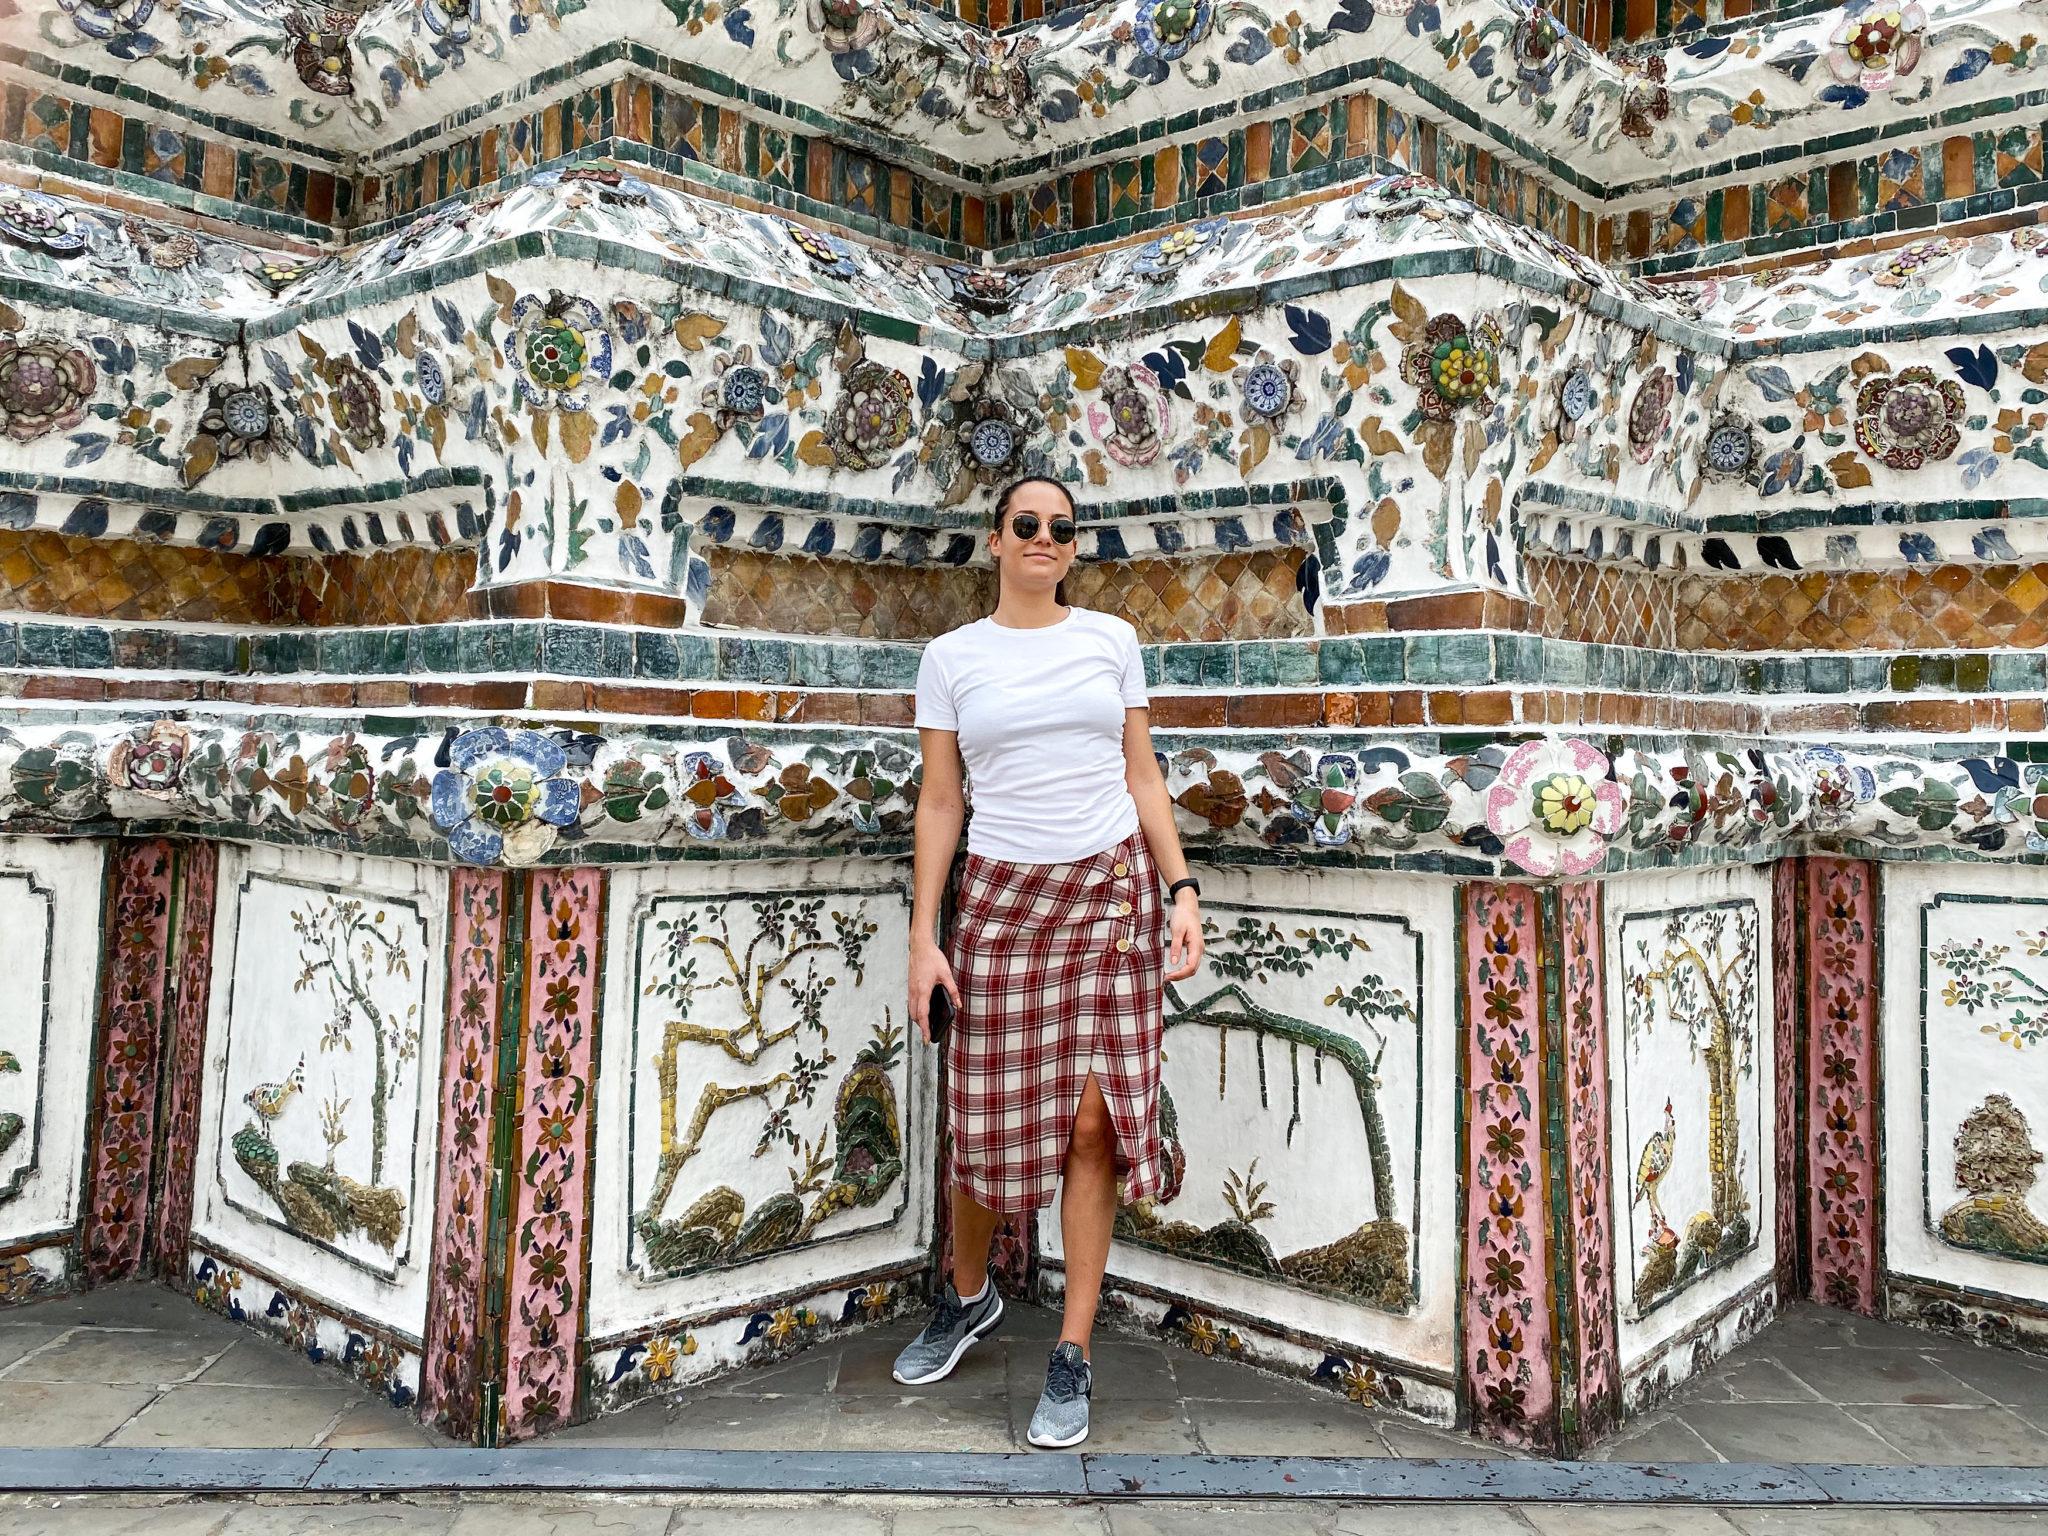 Храмът Уат Арун Wat Arun - Забележителности в Банкок, пътеводител Банкок, пътуване до Банкок, Тайланд, какво да правя 3 дни в Банкок, съвети от блогър Михаела от quite a looker